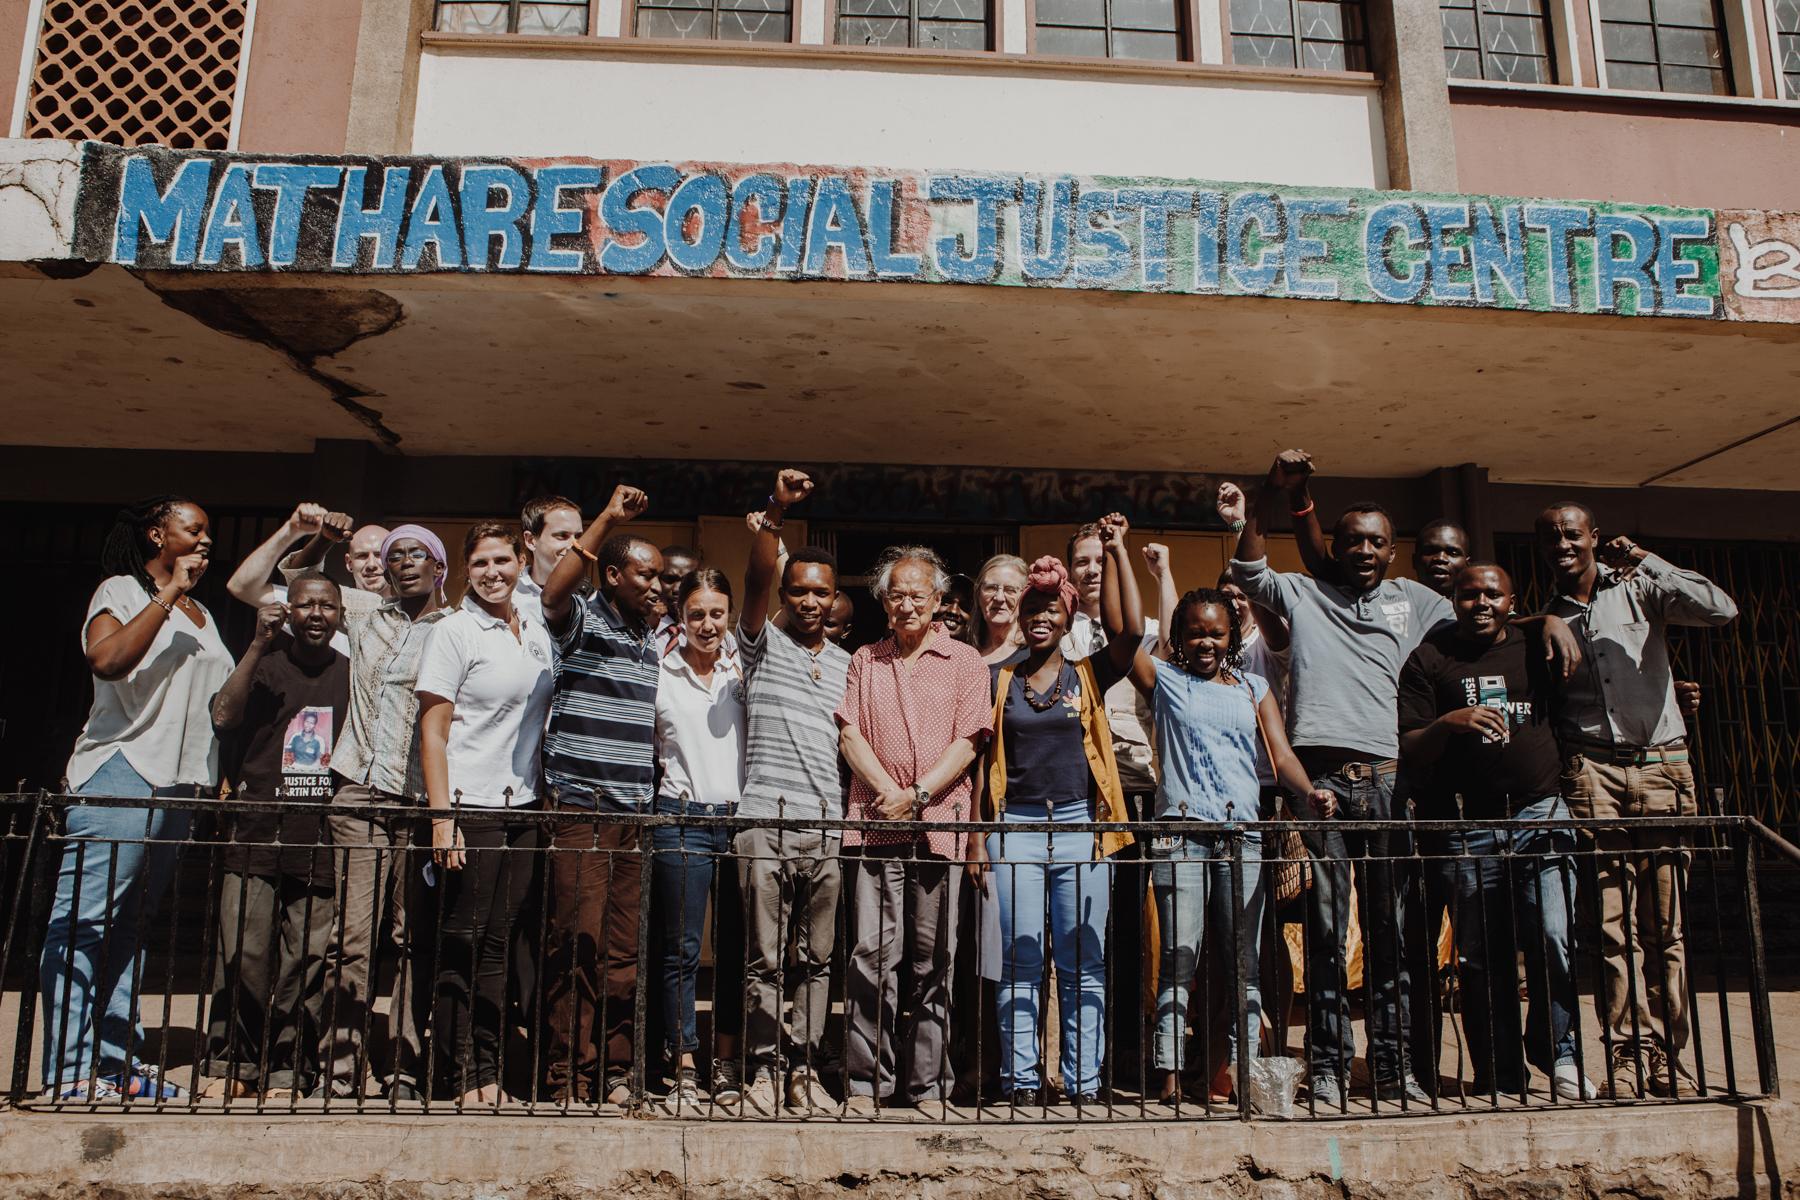 Welttag der sozialen Gerechtigkeit - Mathare Social Justice Center